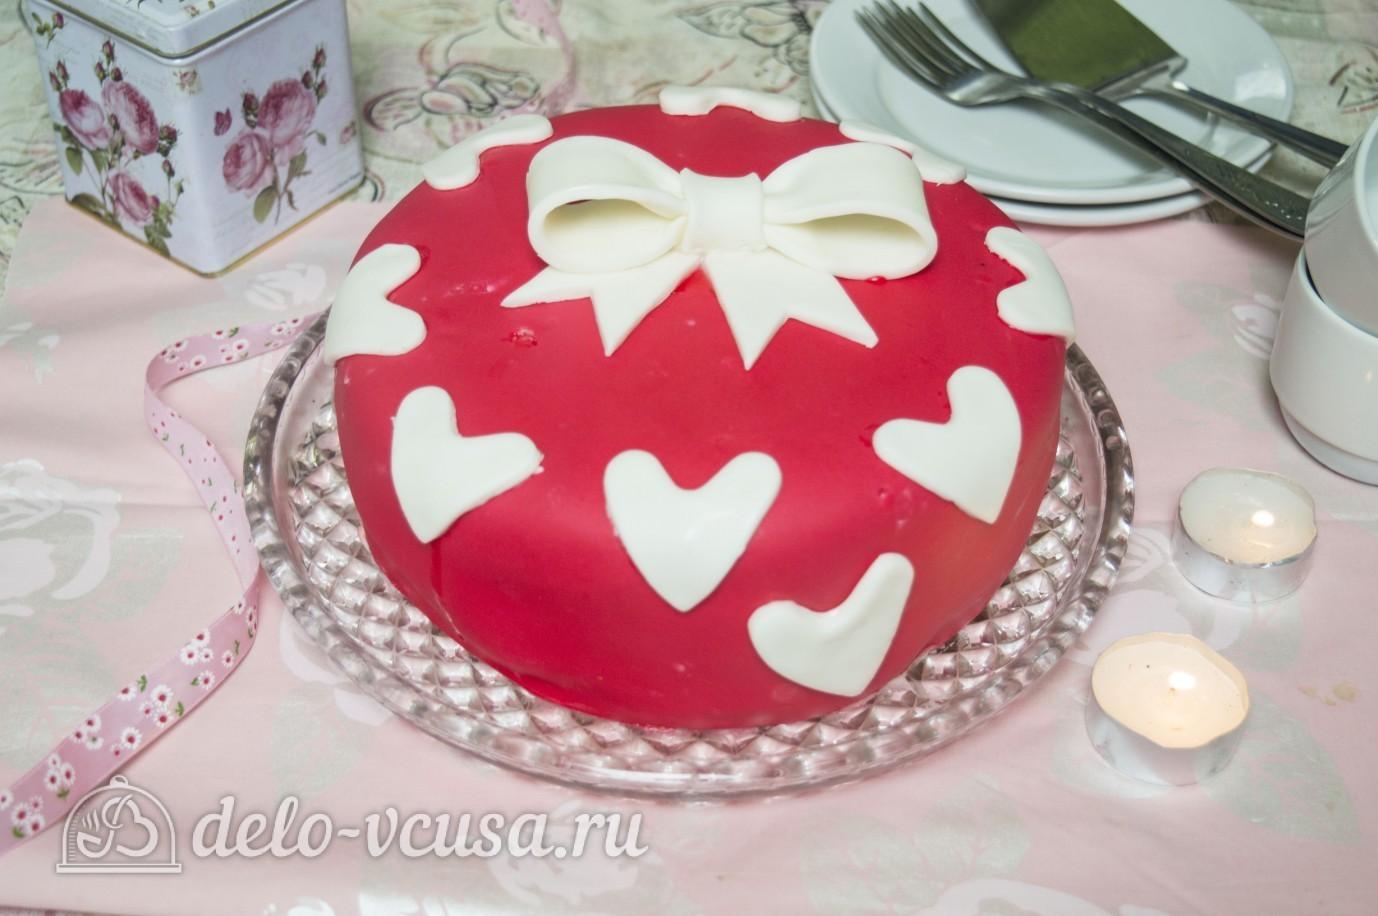 Романтический торт на День Святого Валентина как испечь Рецепт